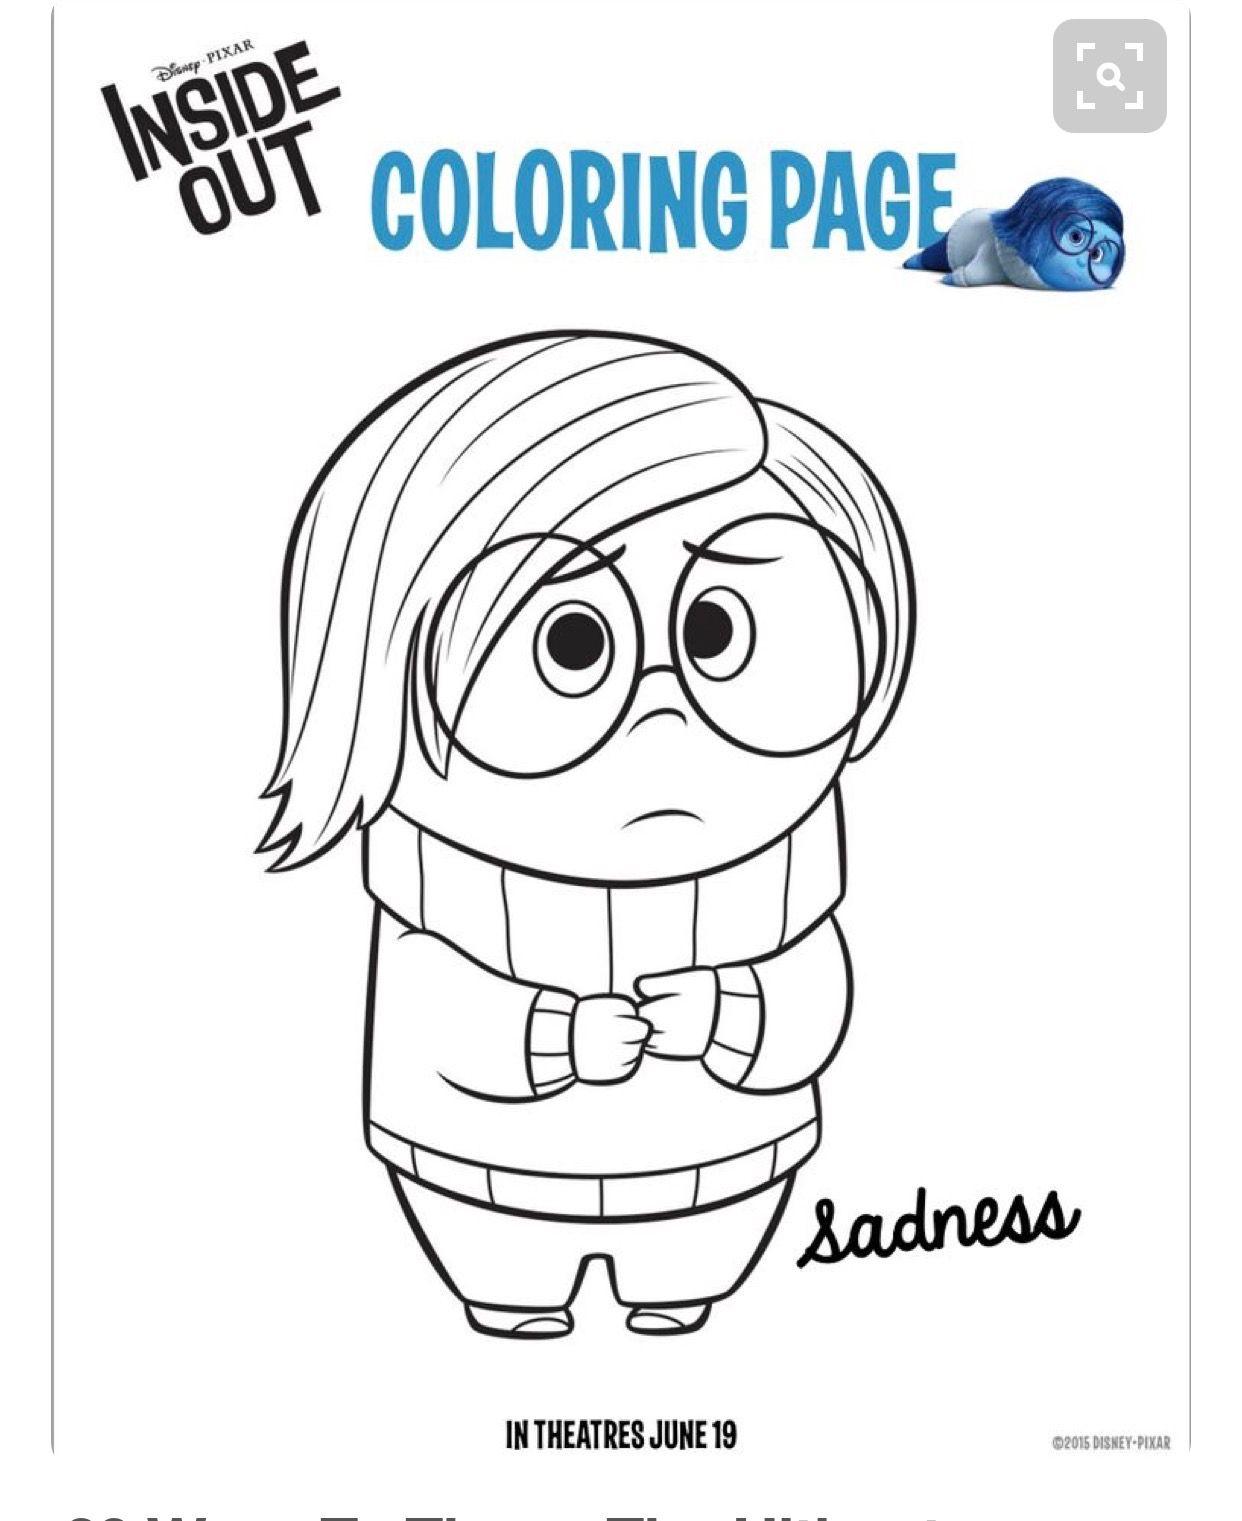 Pin By Eboni Haney On Feelings Inside Out Coloring Pages Coloring Pages For Kids Coloring Pages